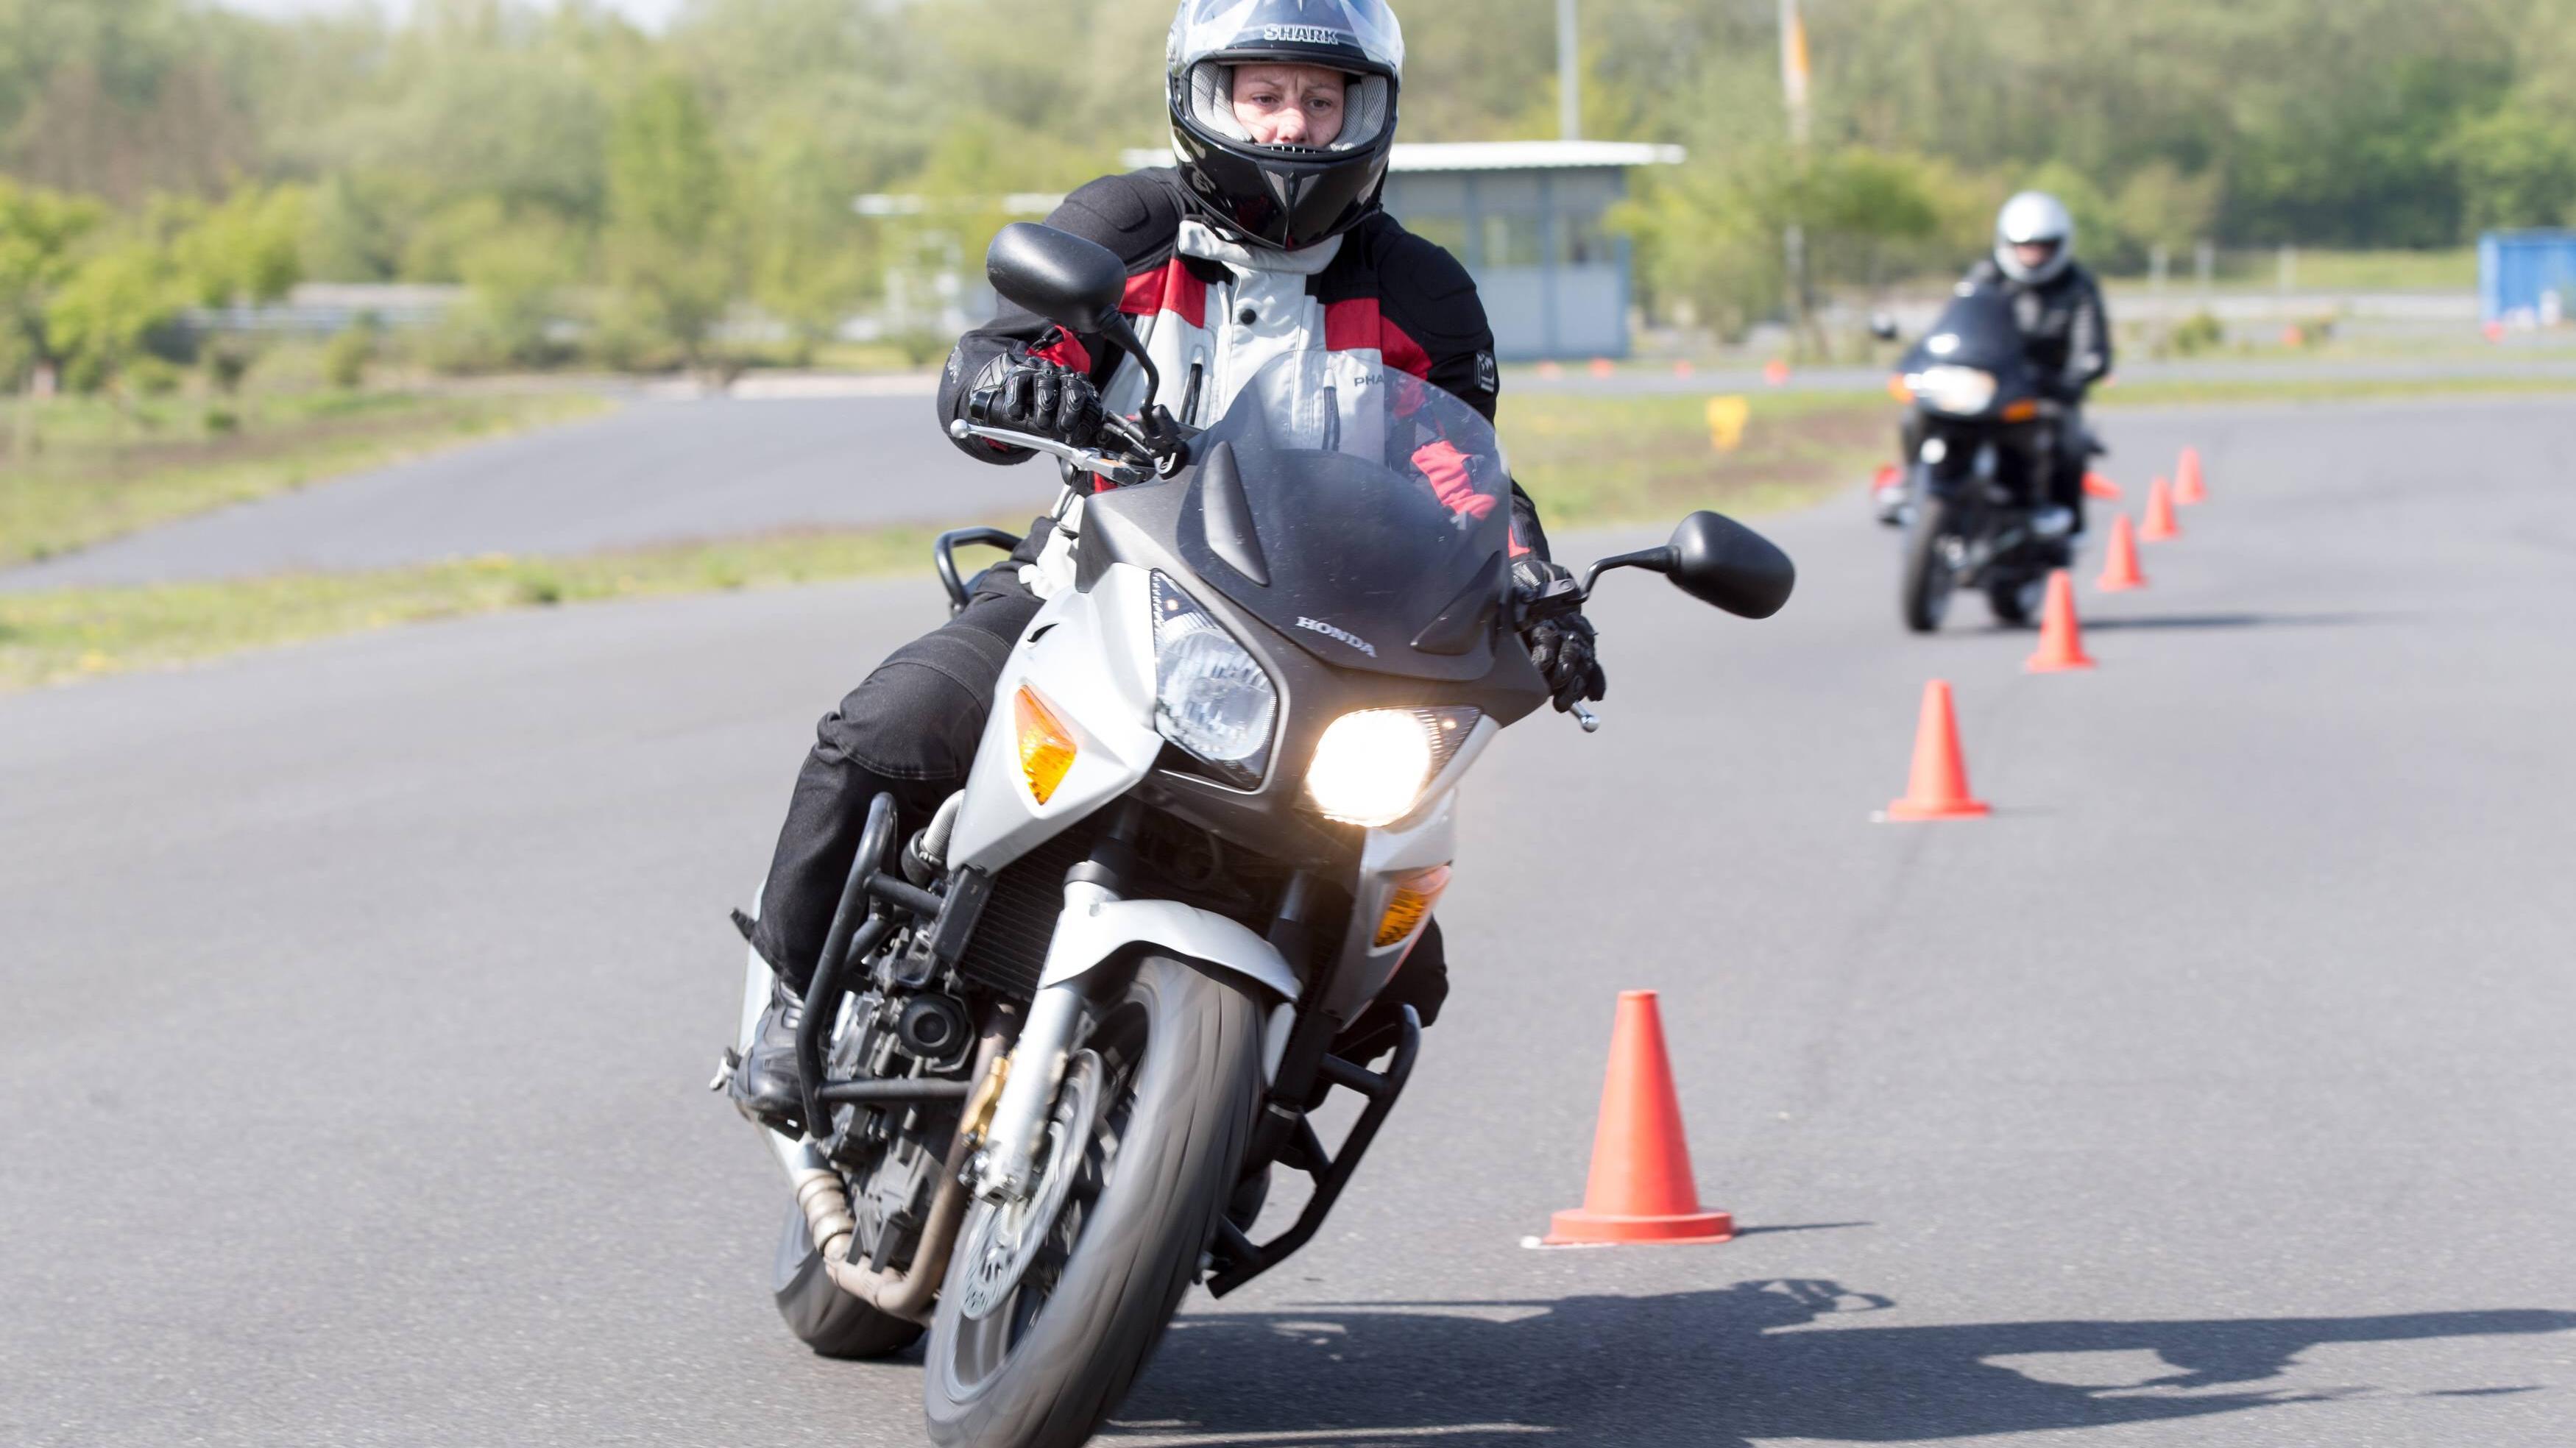 Fahrsicherheitstraining mit dem Motorrad: Ablauf und Kosten